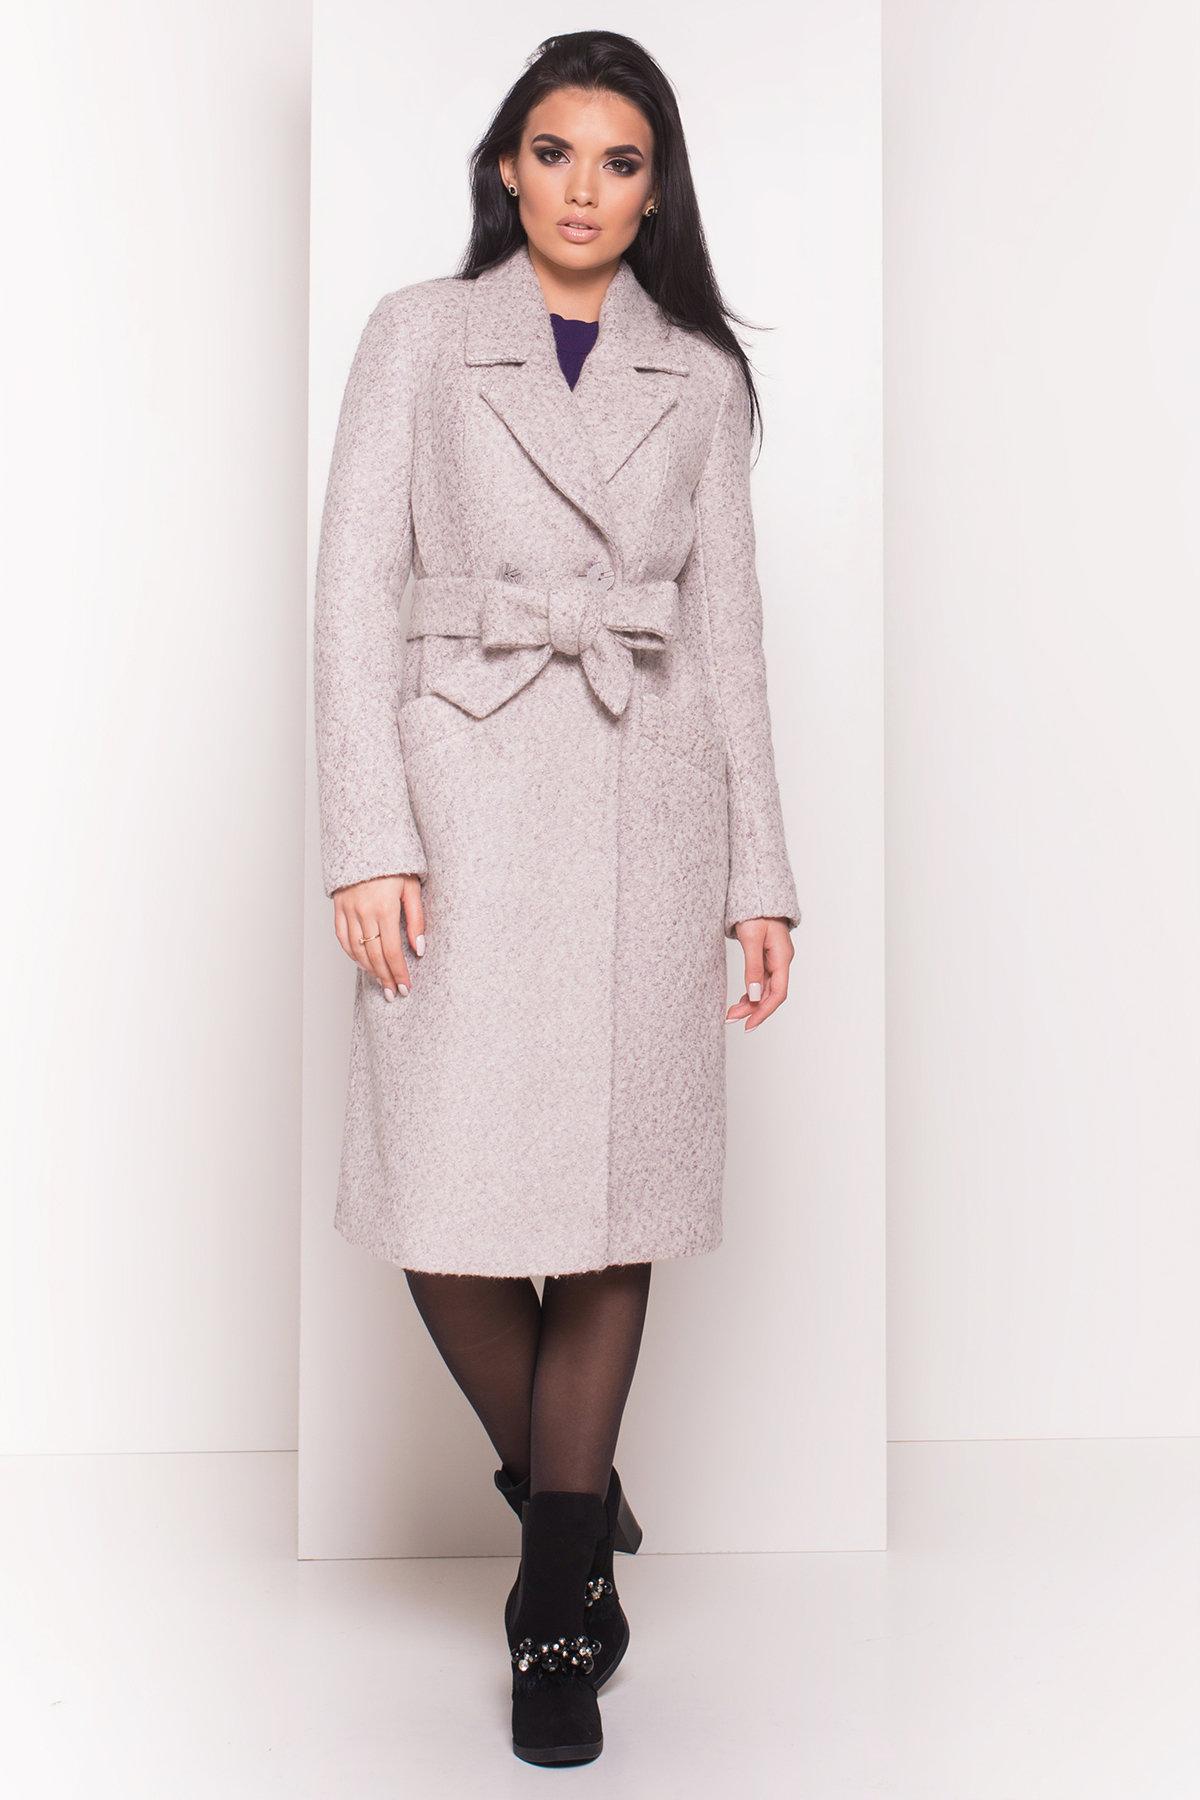 Пальто Джулс 5697 Цвет: Серый/бежевый